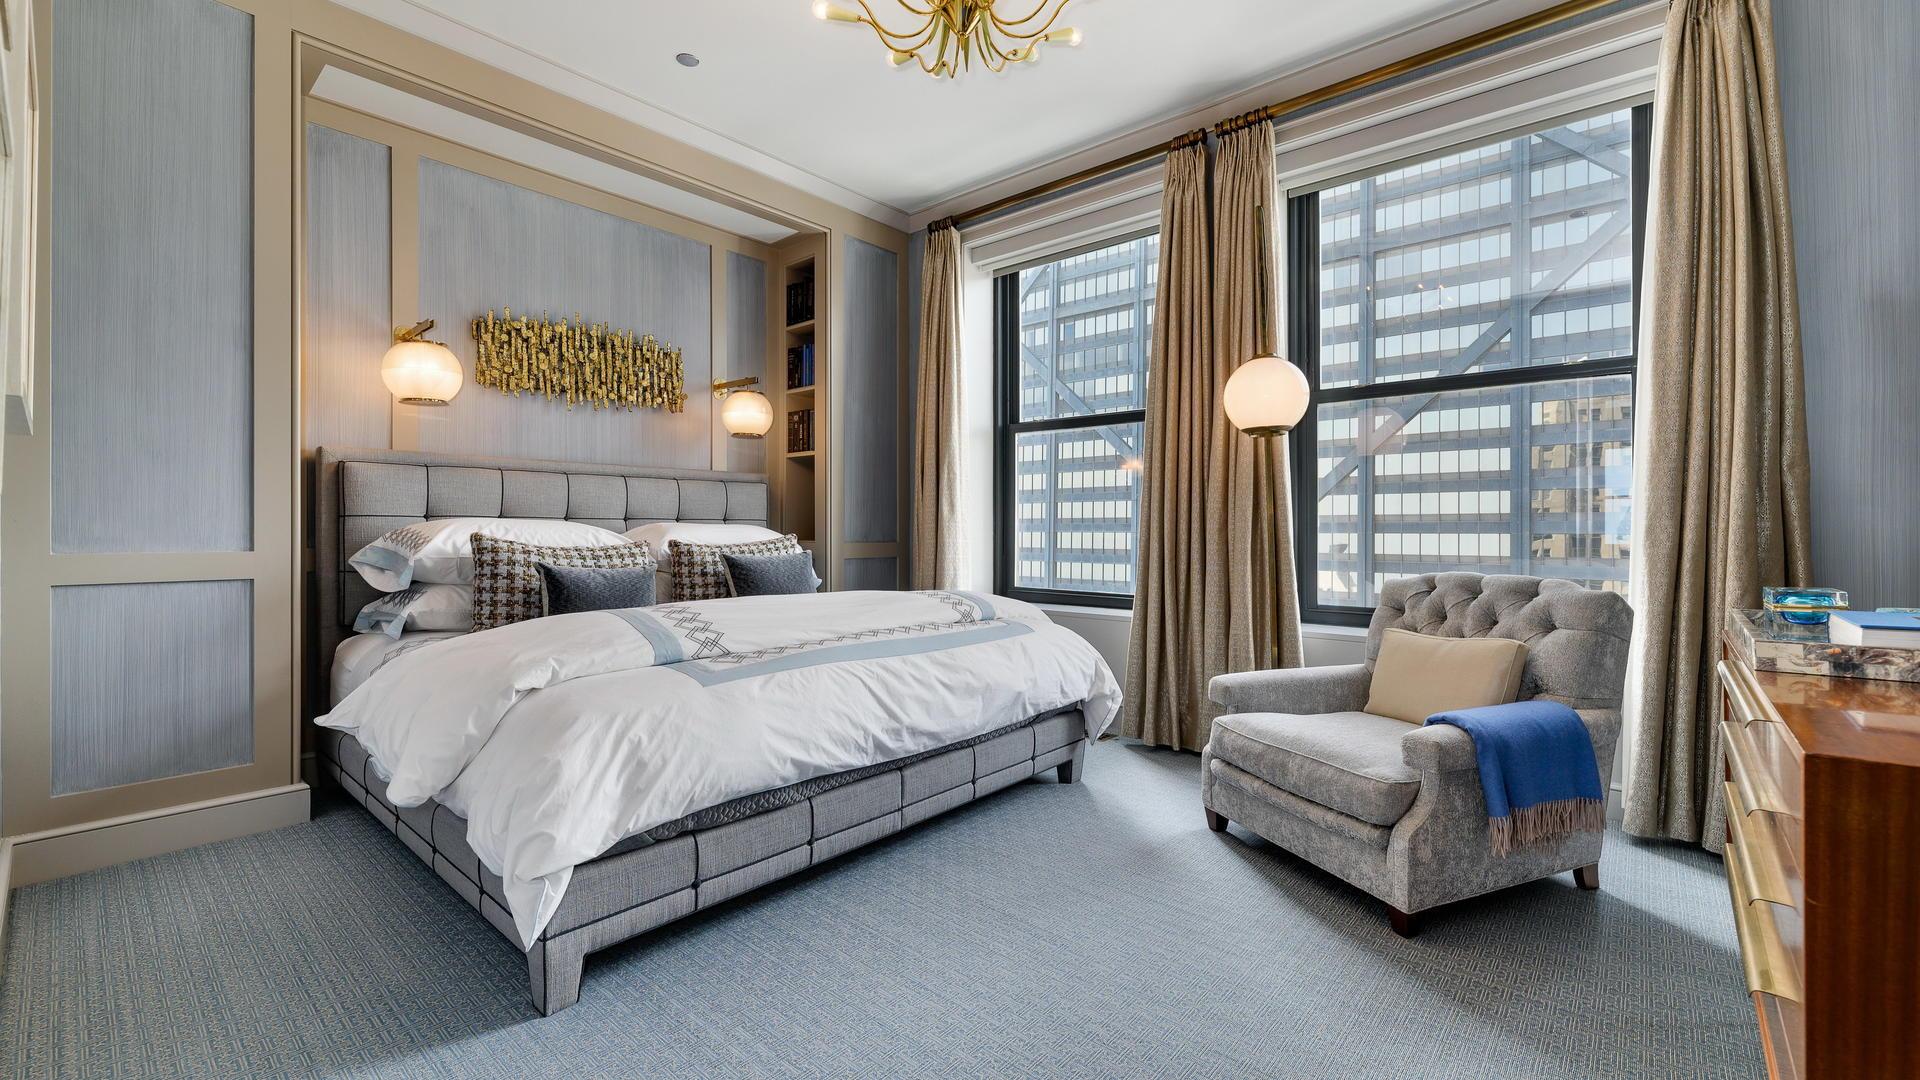 $10,900,000 - 3Br/4Ba -  for Sale in Palmolive Building Landmark, Chicago